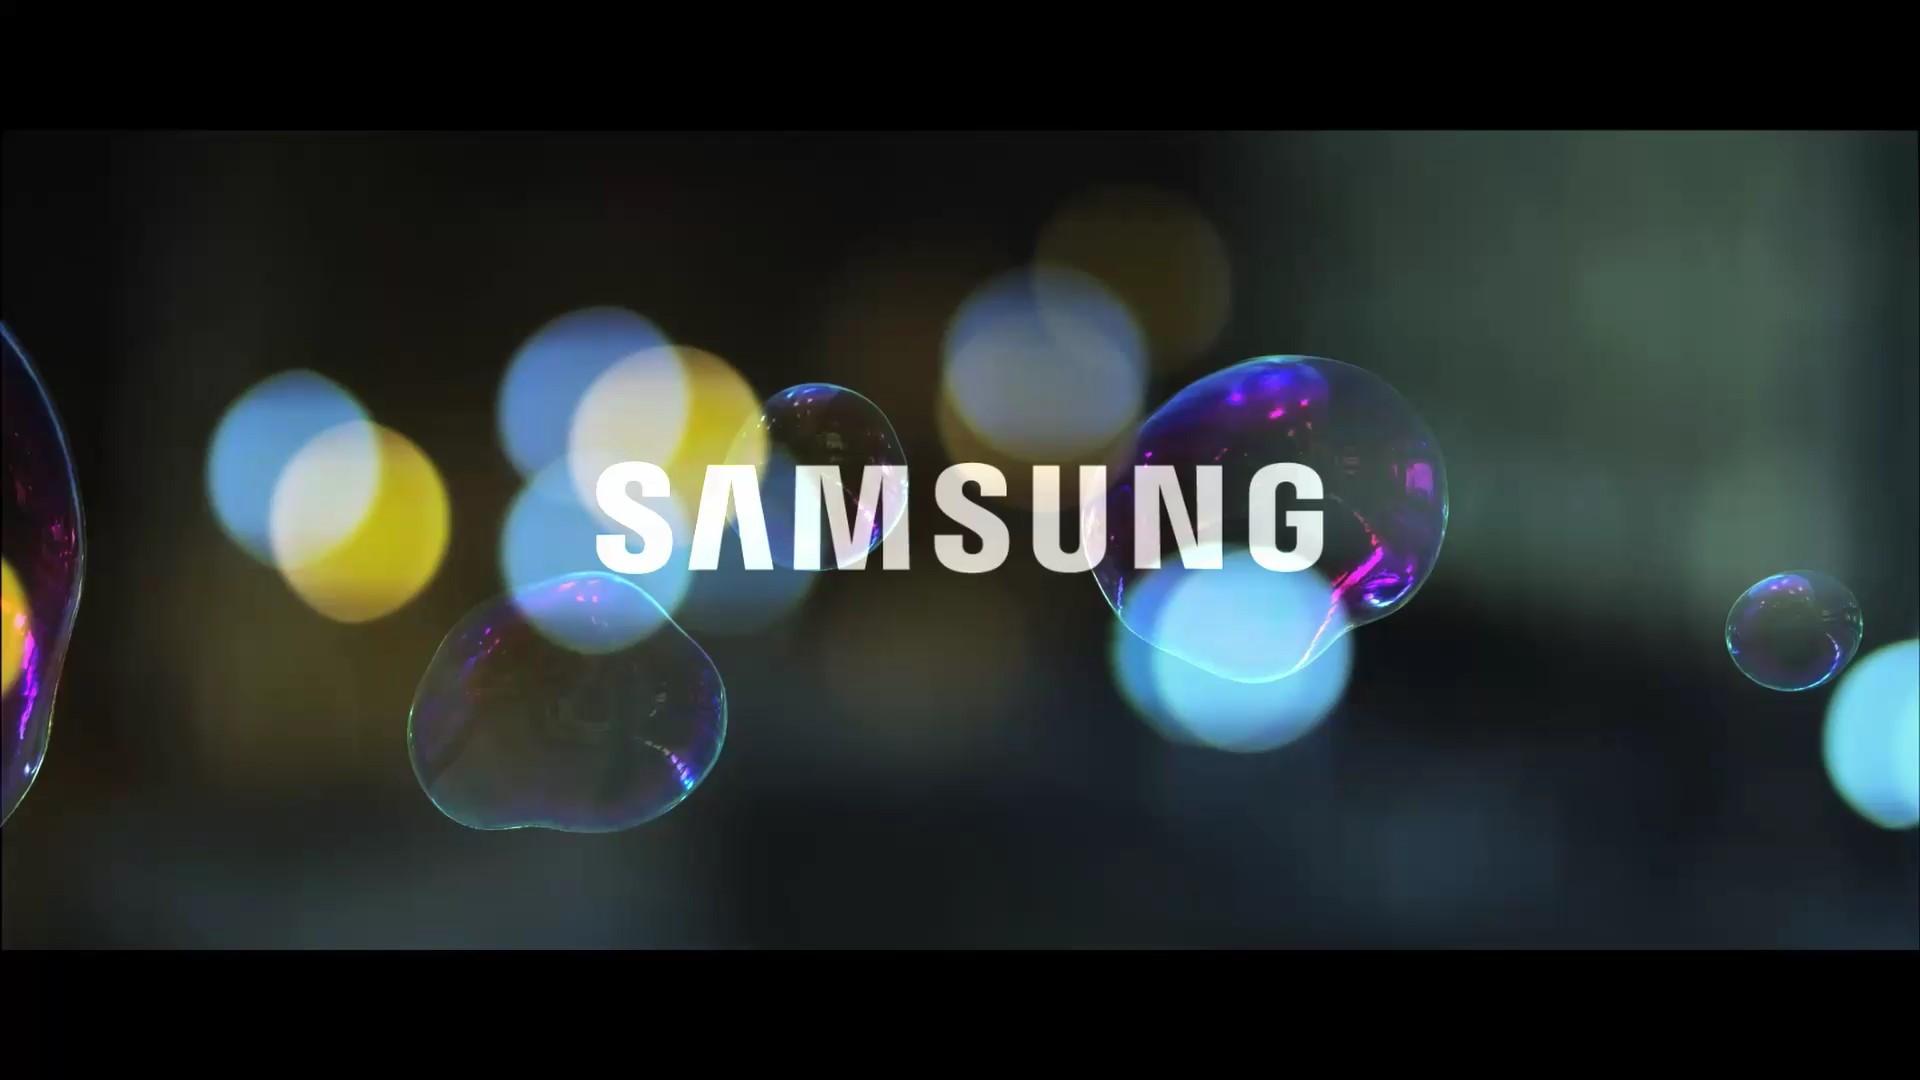 Samsung - Bubble